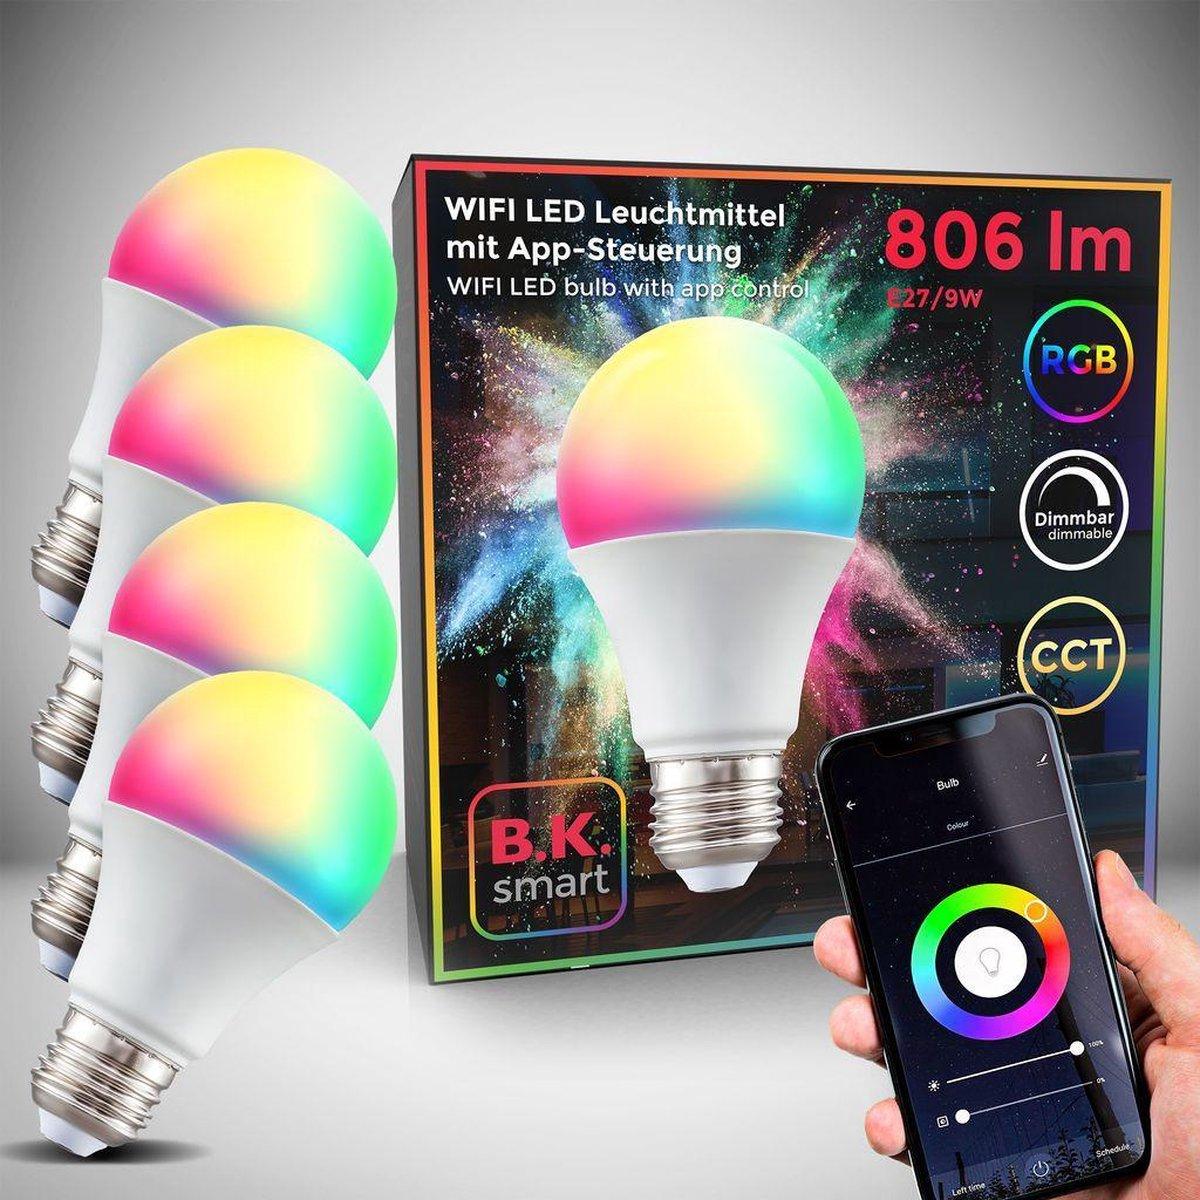 B.K.Licht - Slimme Lichtbron - RGB en CCT - set van 4 - smart lamp - met E27 - 9W LED - WiFi - App - 2.700K to 6.500K - 806 Lm - voice control - color lampjes - LED lamp